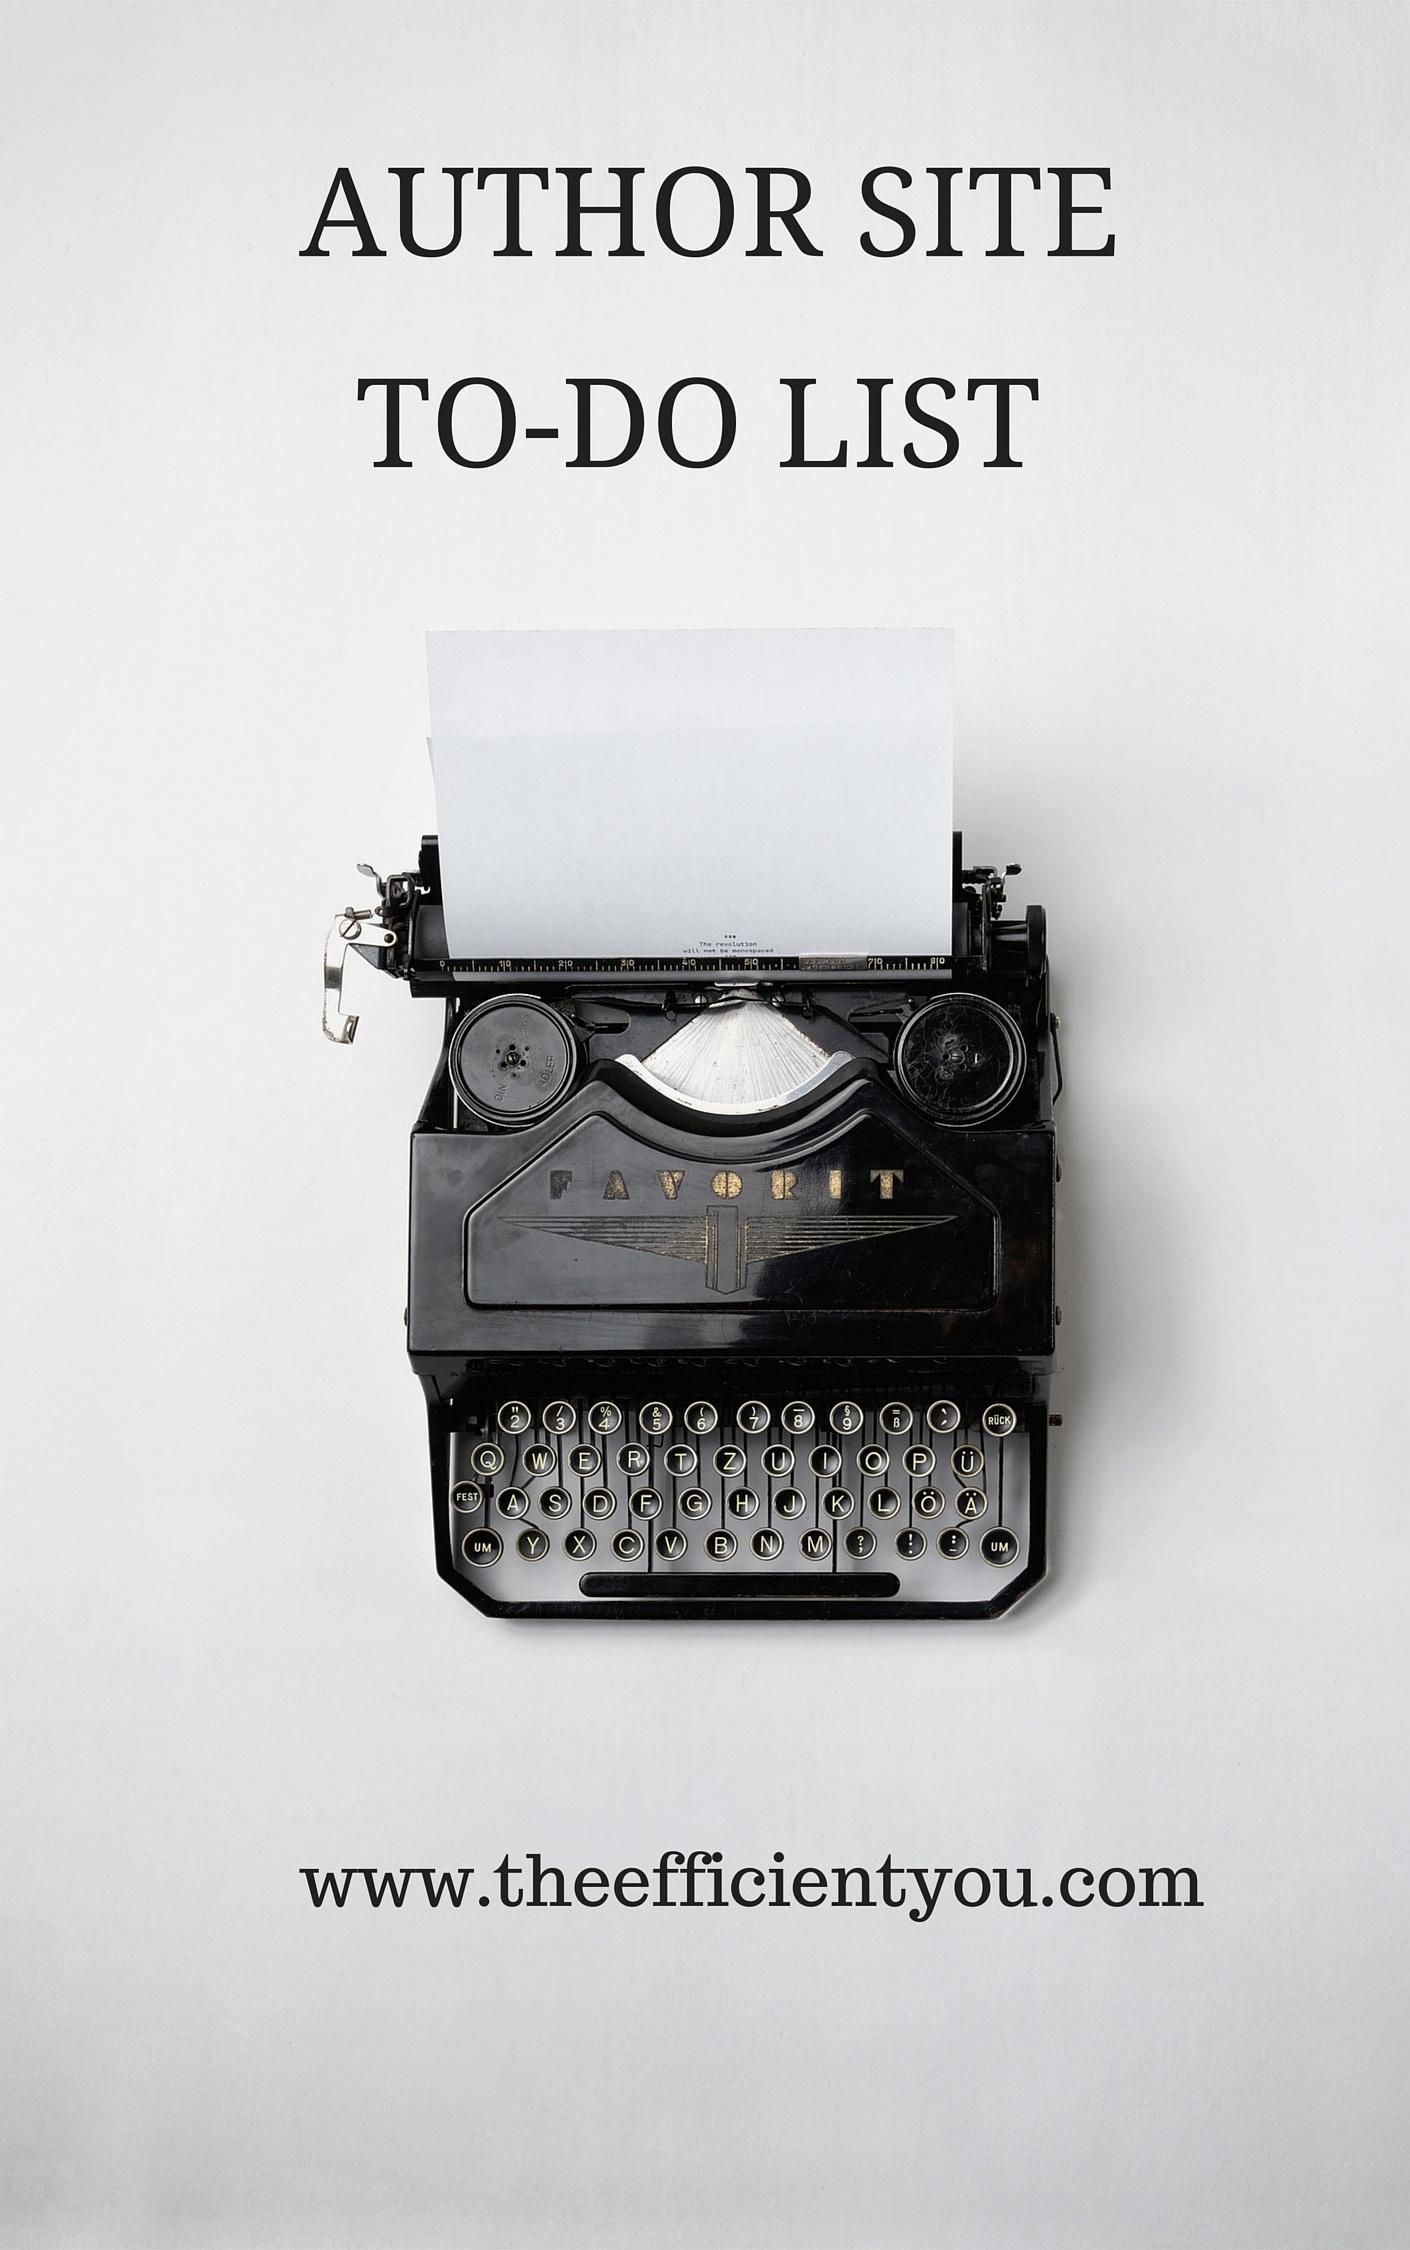 Author Site To-Do List